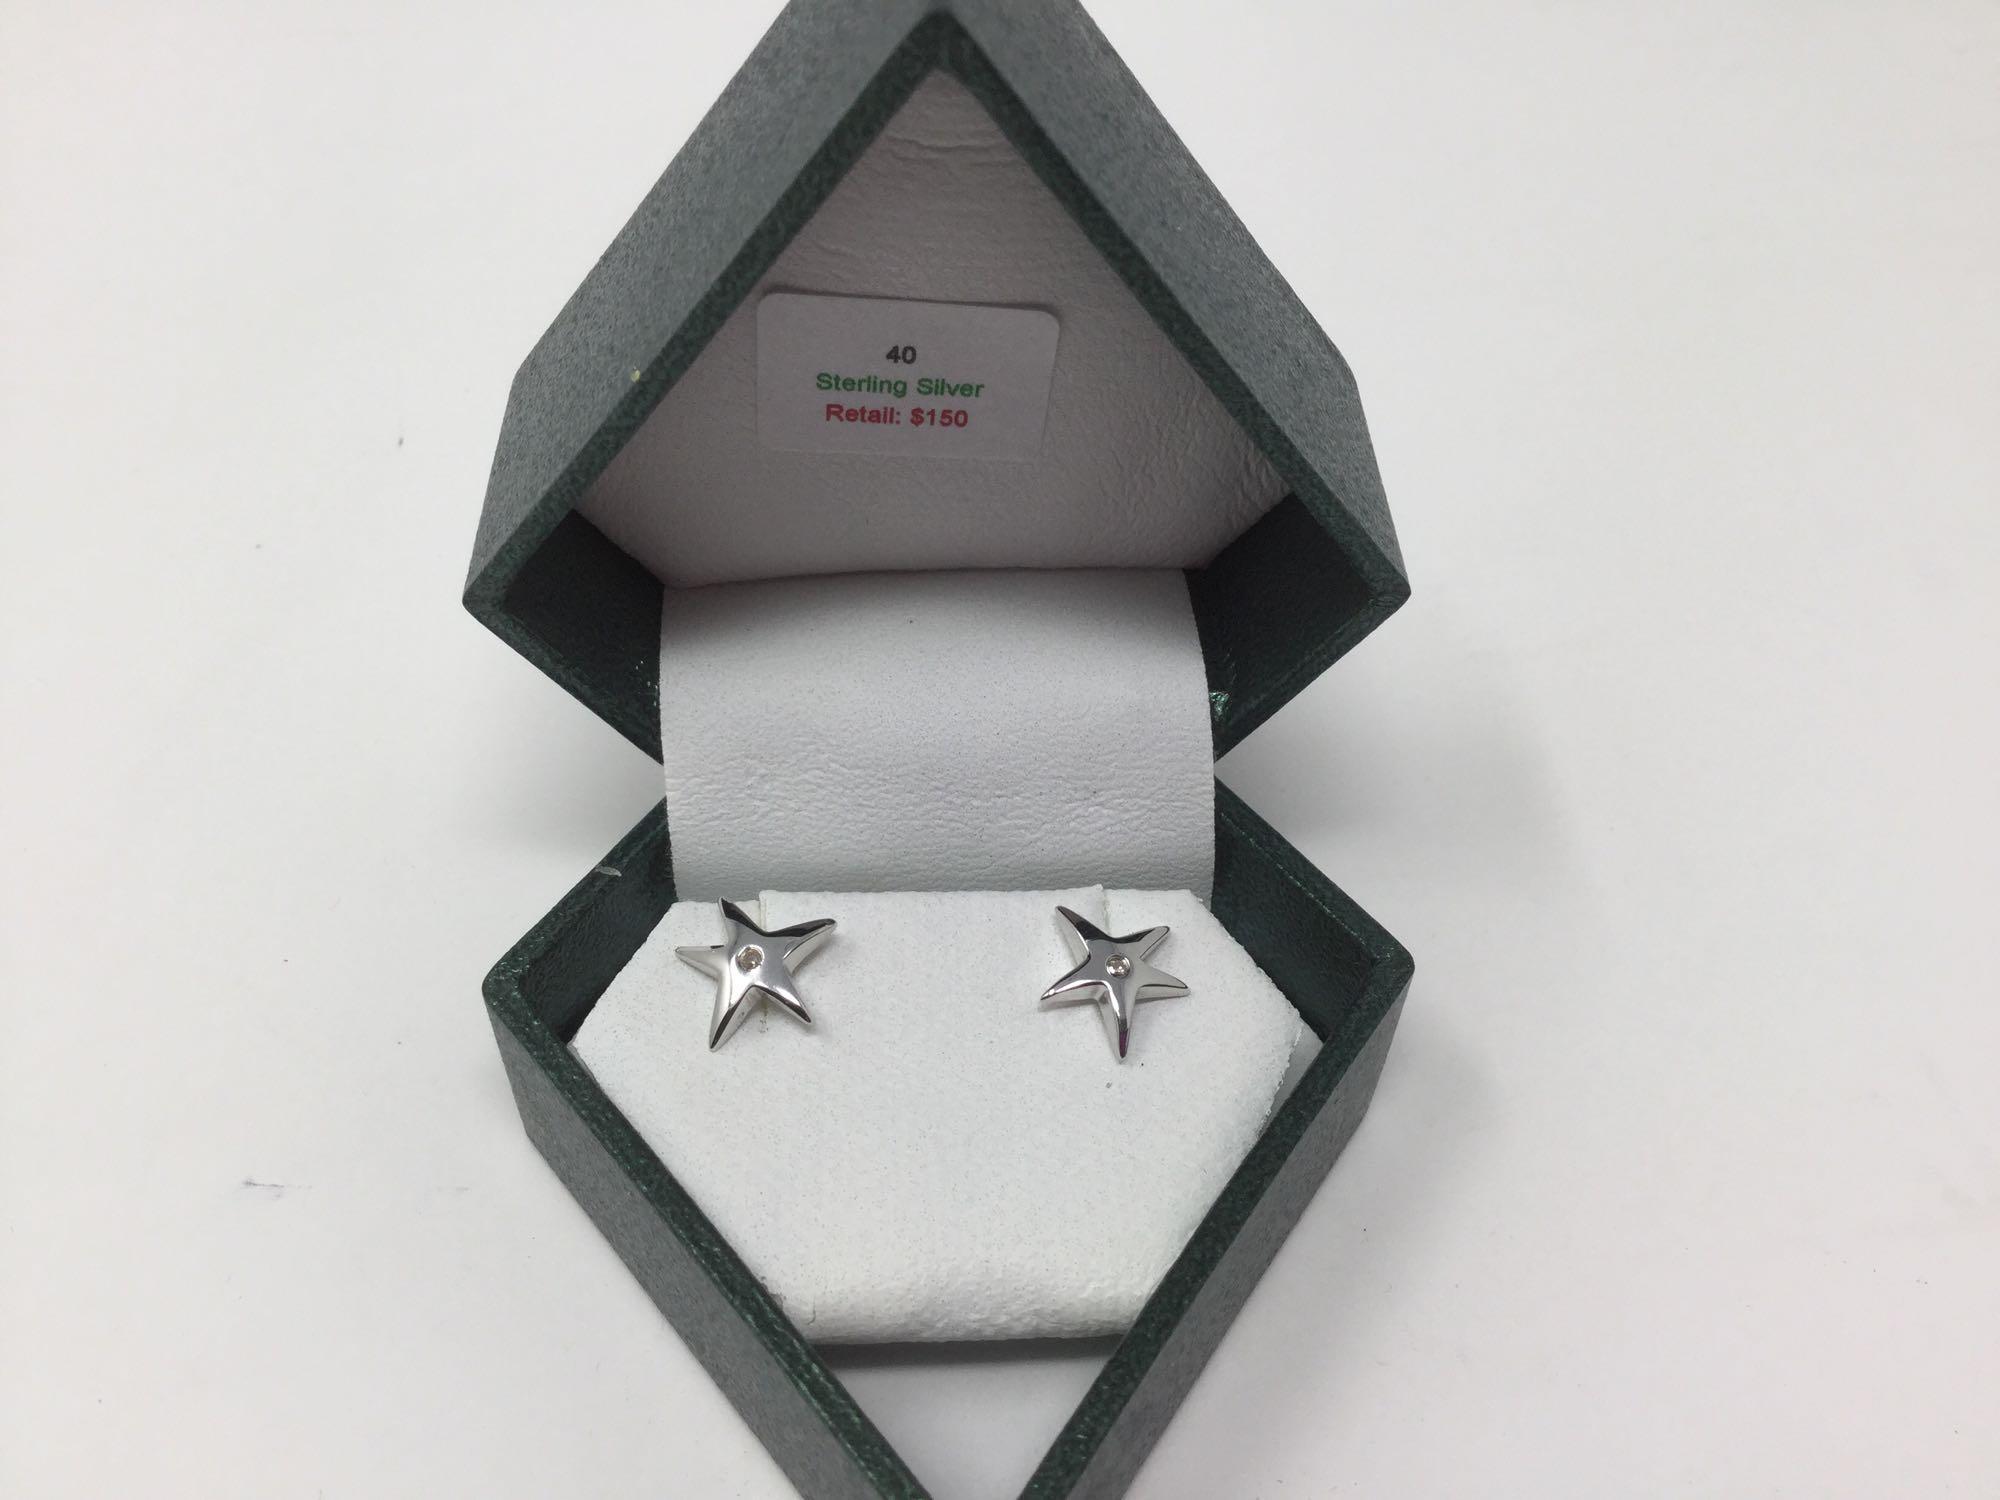 Lot 16 - Sterling Silver Stud Earrings - Retail $150